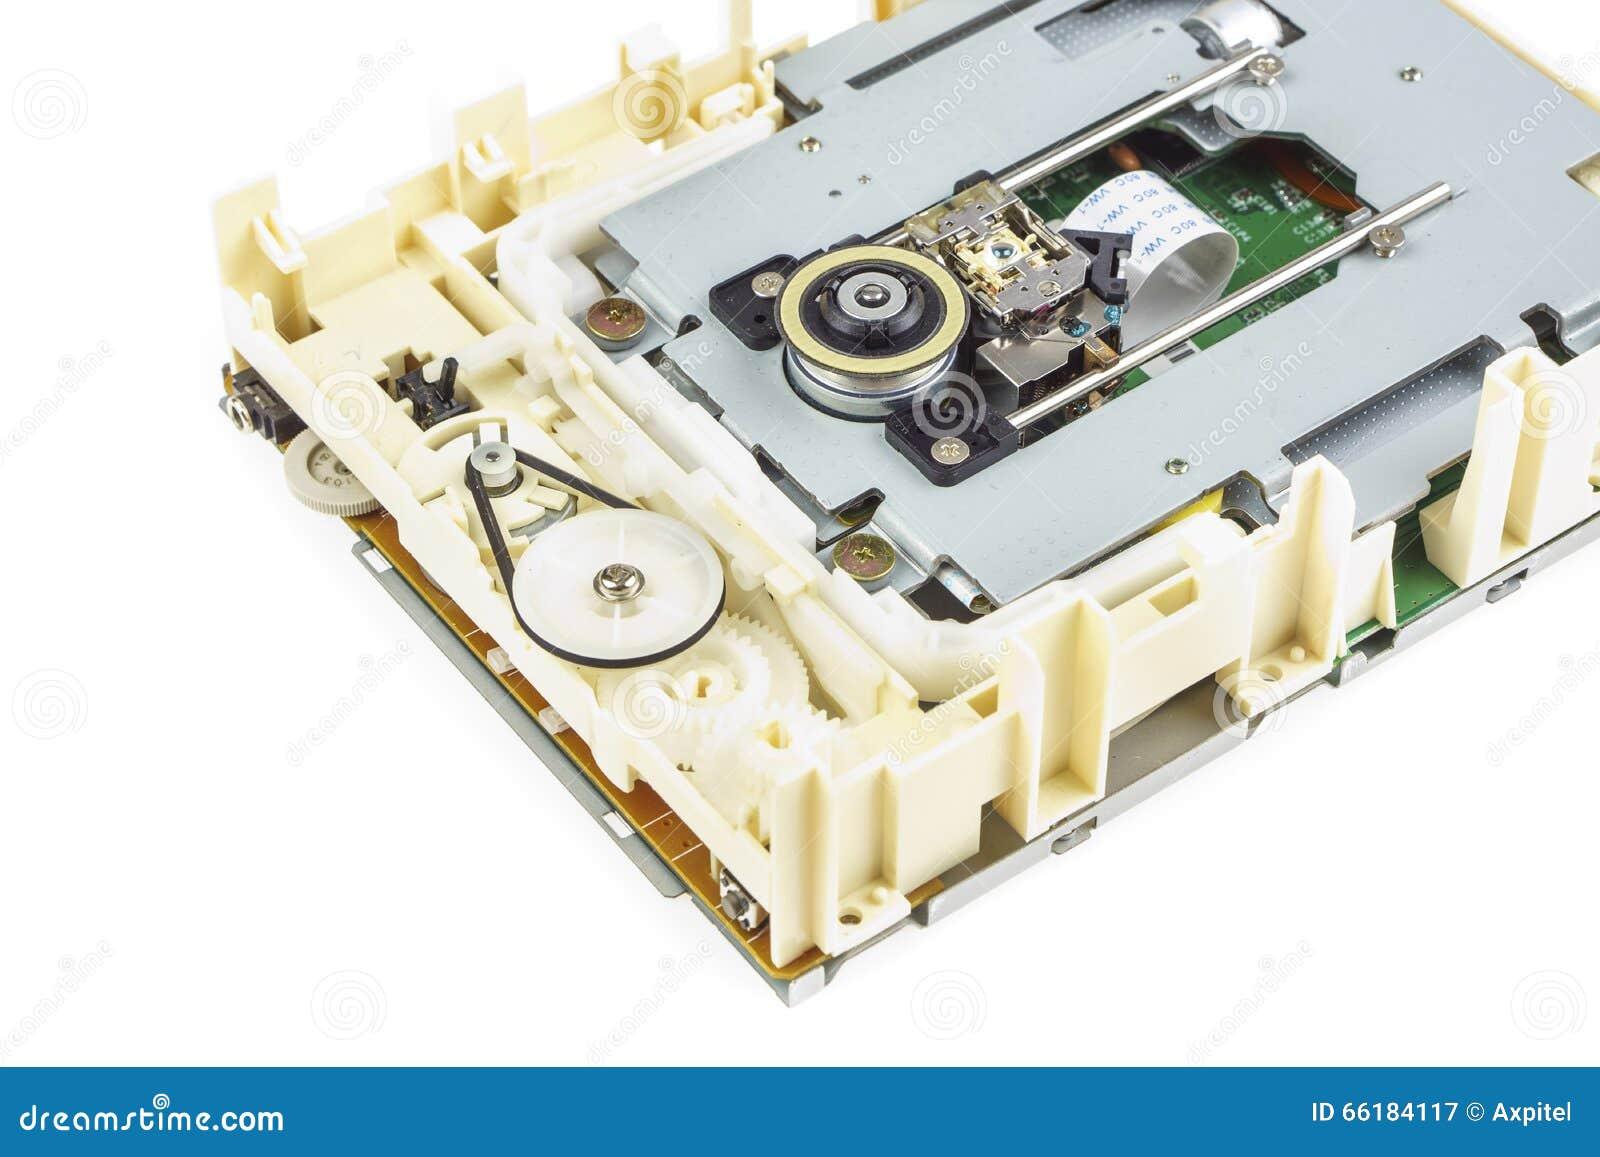 Computercd-rom-laufwerk baute 03 auseinander